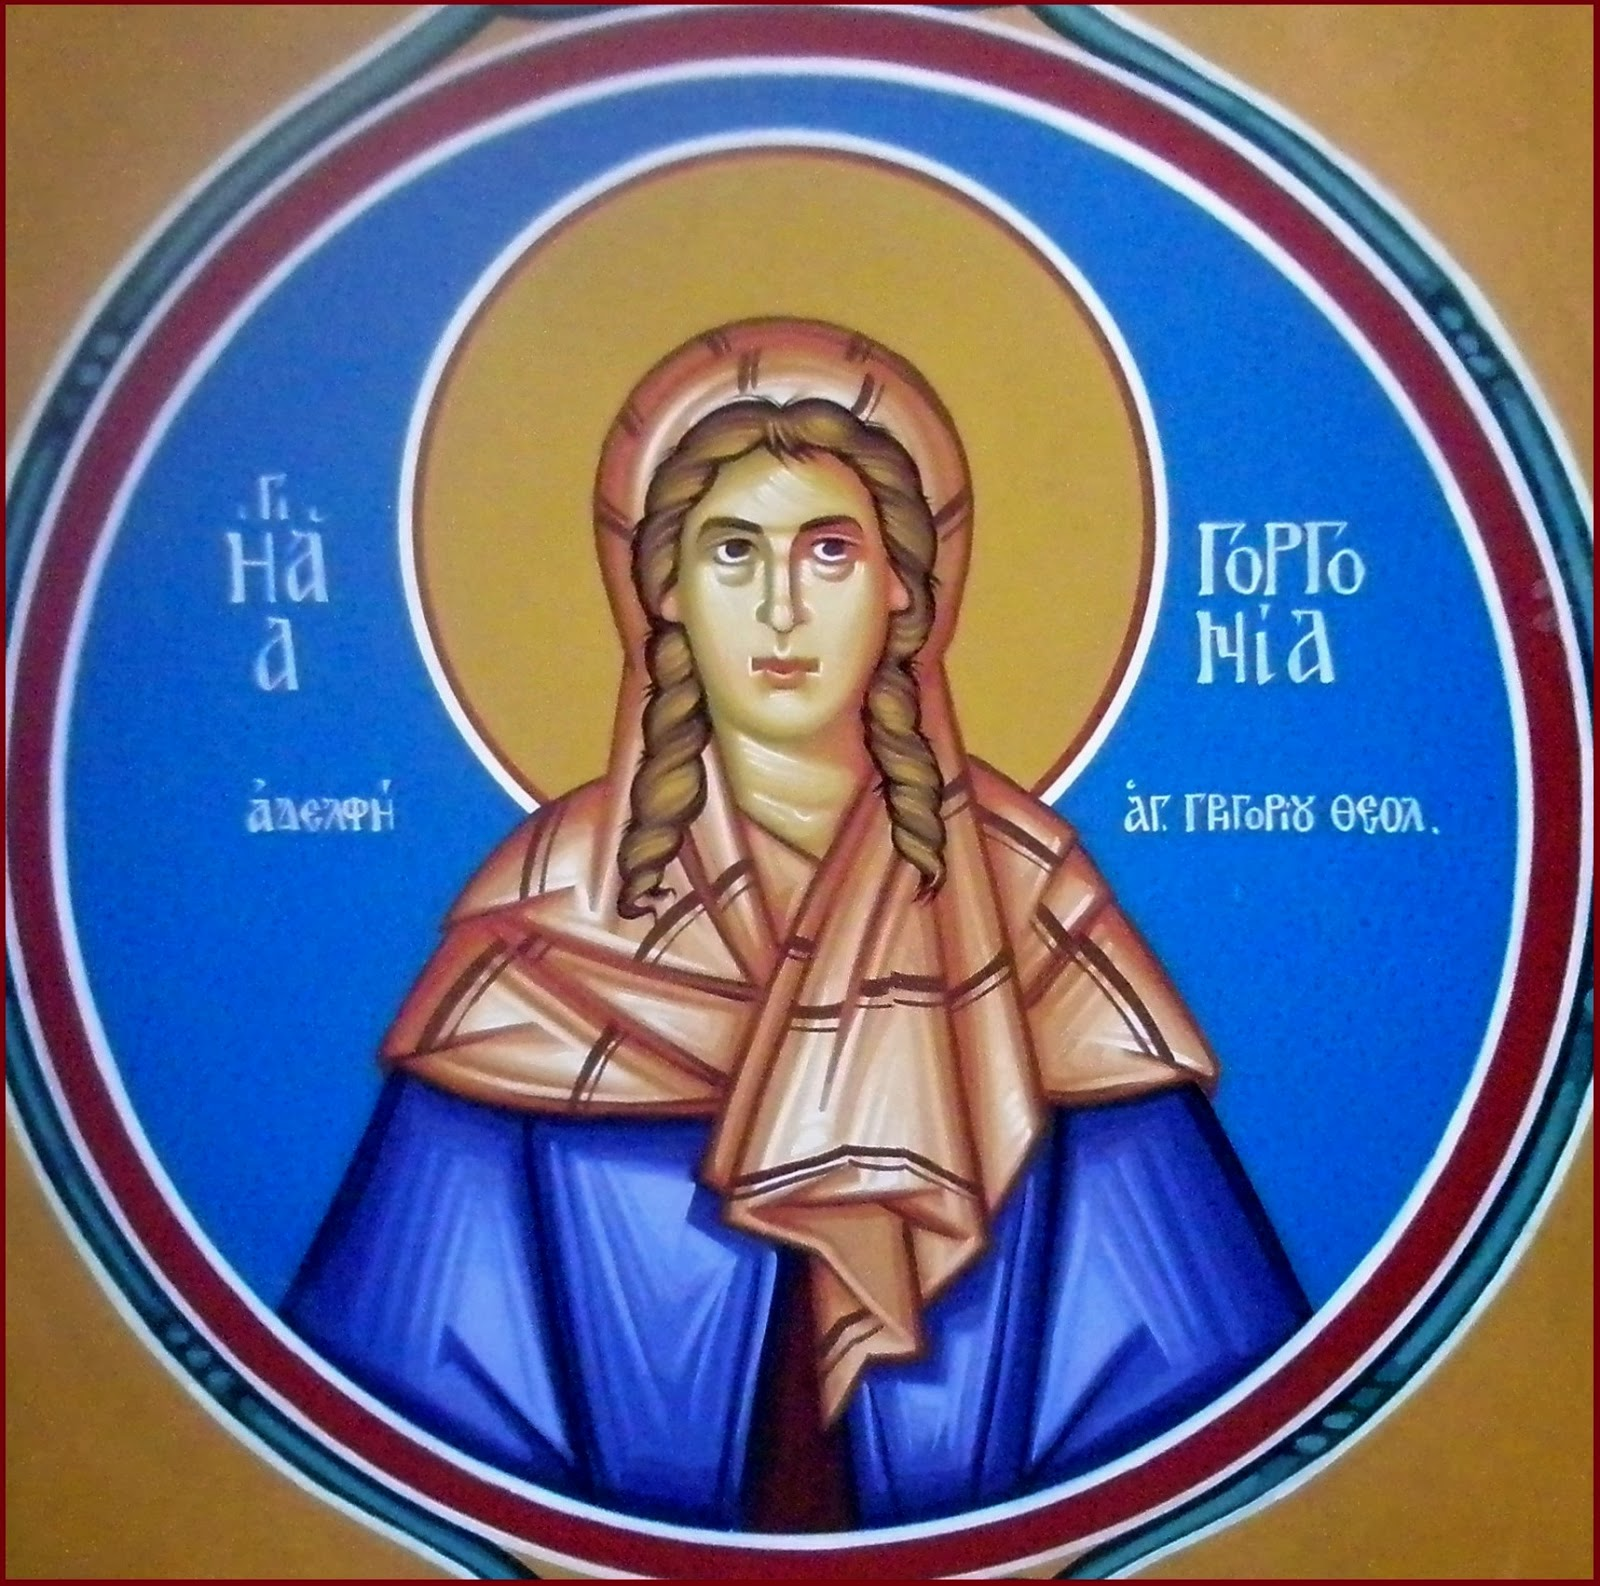 Ορθόδοξος Συναξαριστής :: Αγία Γοργονία, αδελφή του Αγίου Γρηγορίου του  Θεολόγου